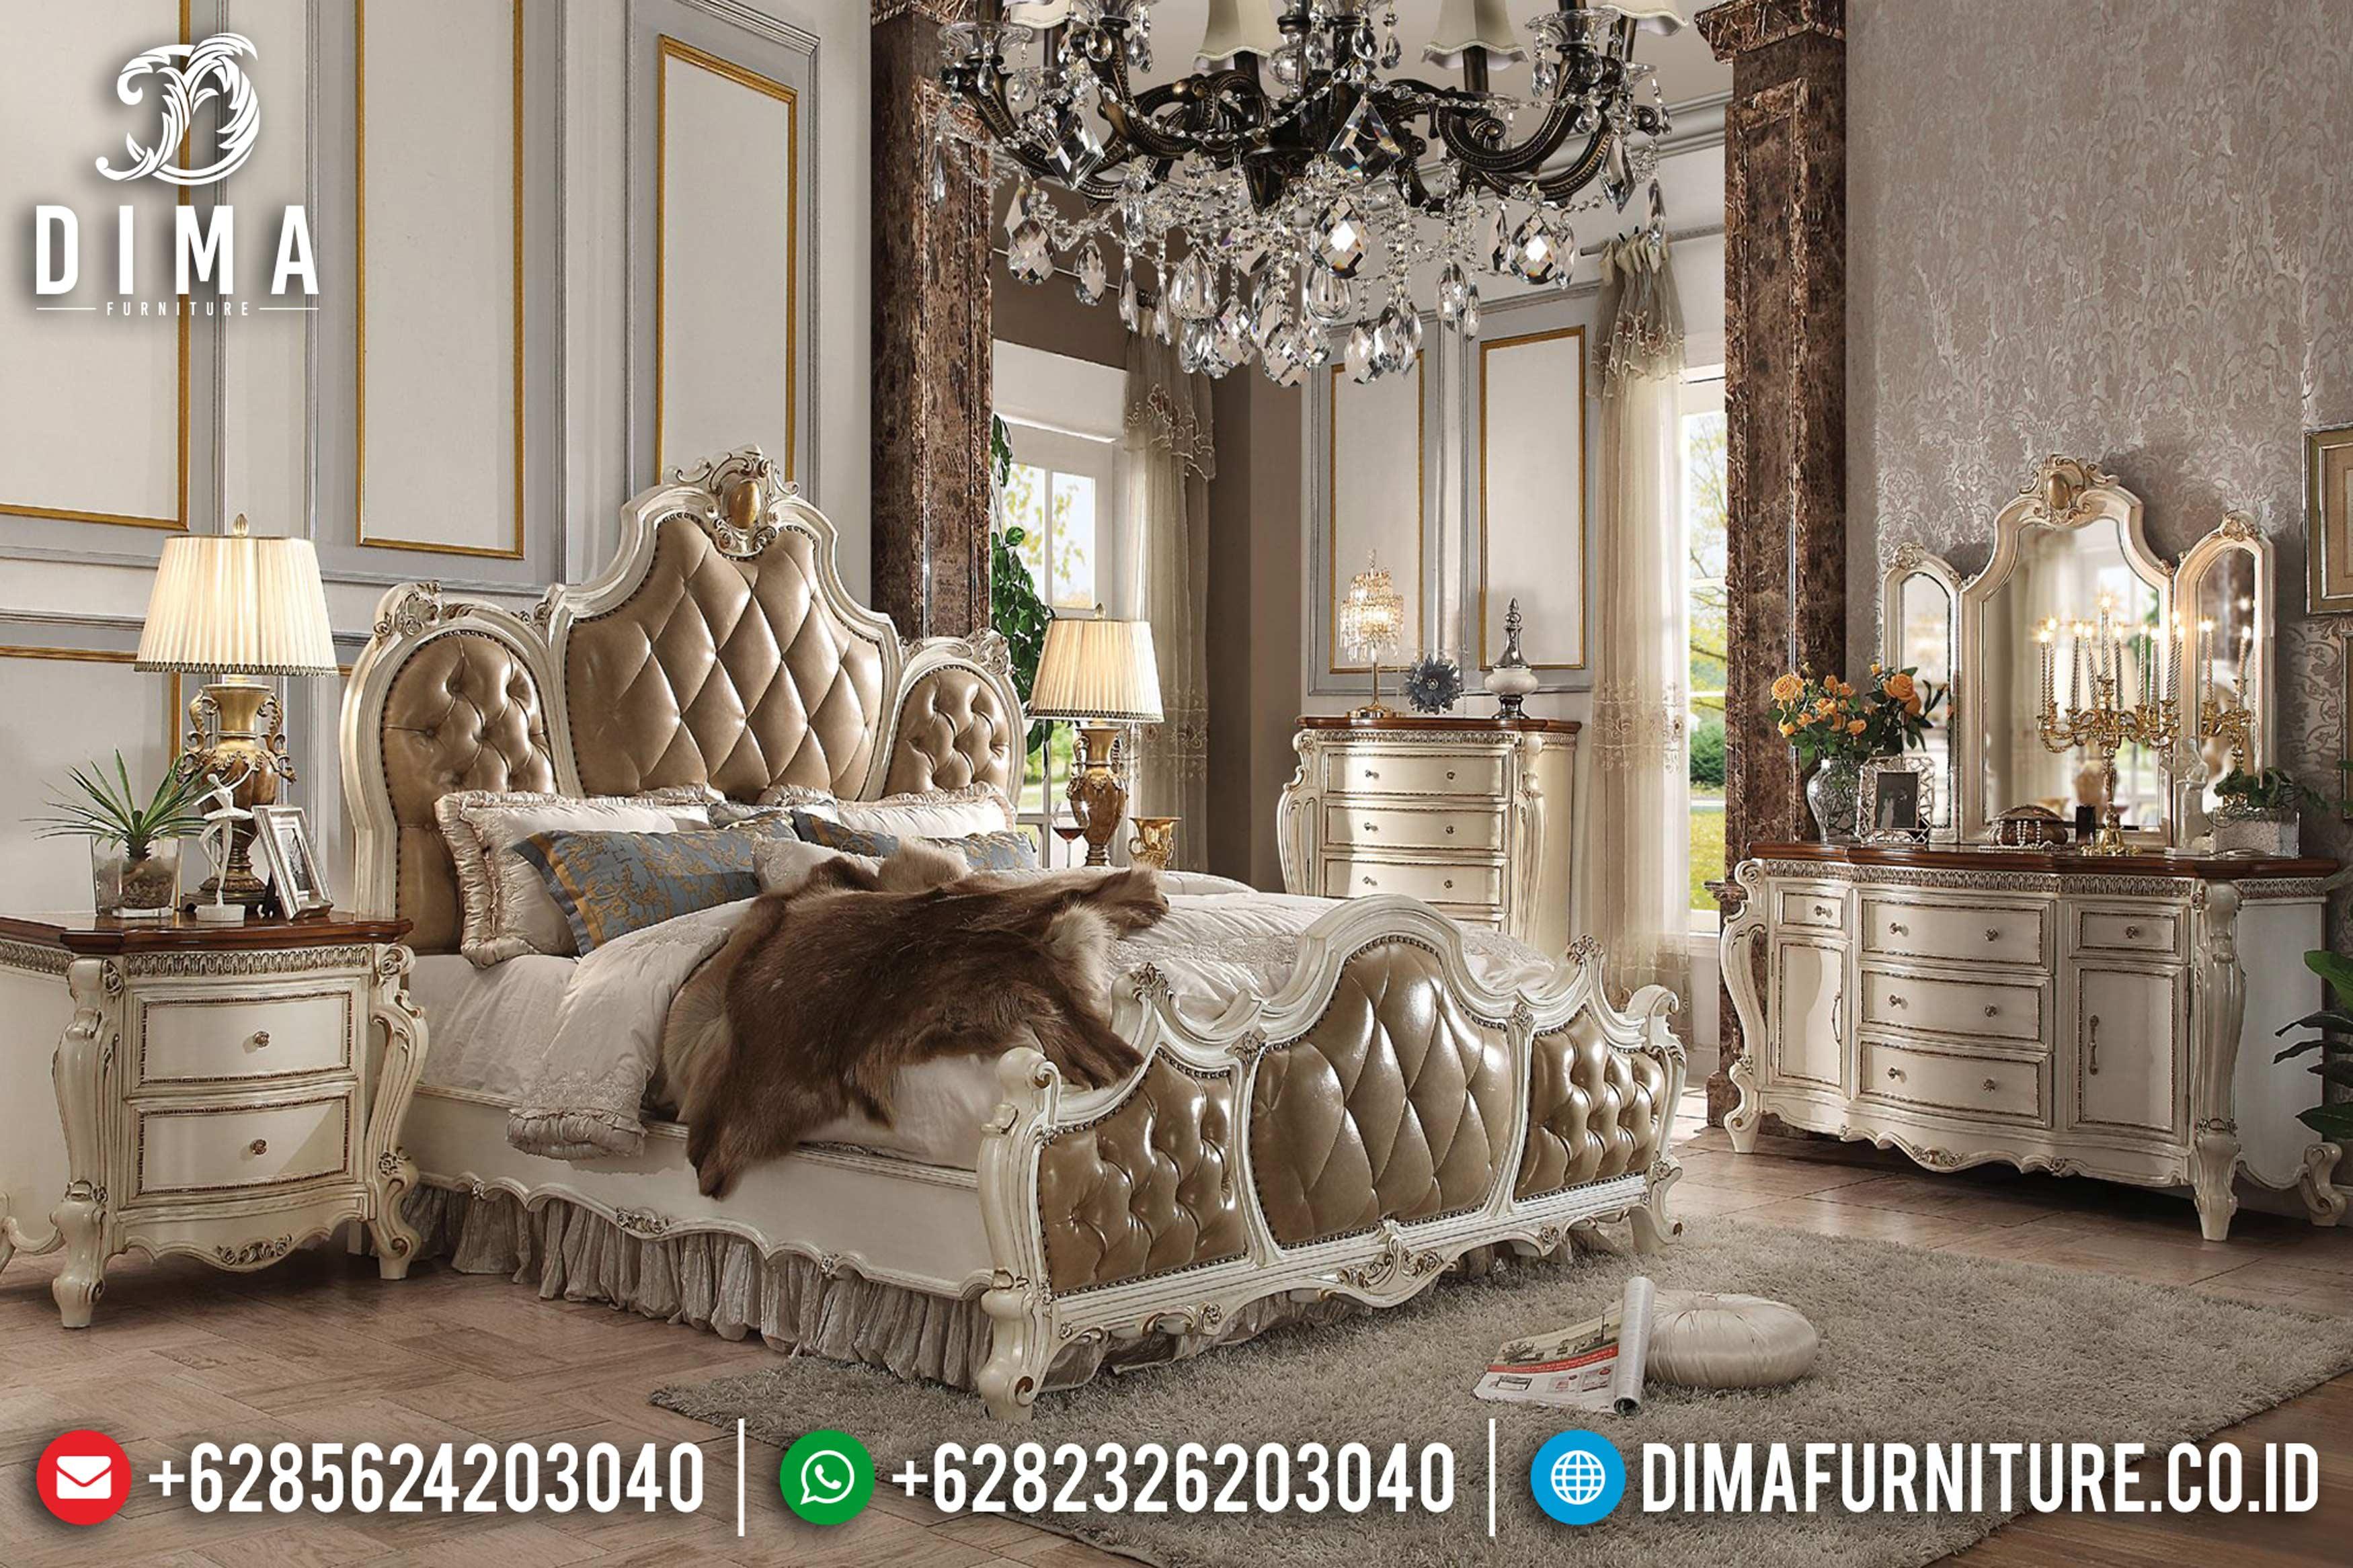 20+ Tempat Tidur Jepara Mewah Dan Minimalis Pilihan Tahun 2019 021 Dima Furniture Jepara